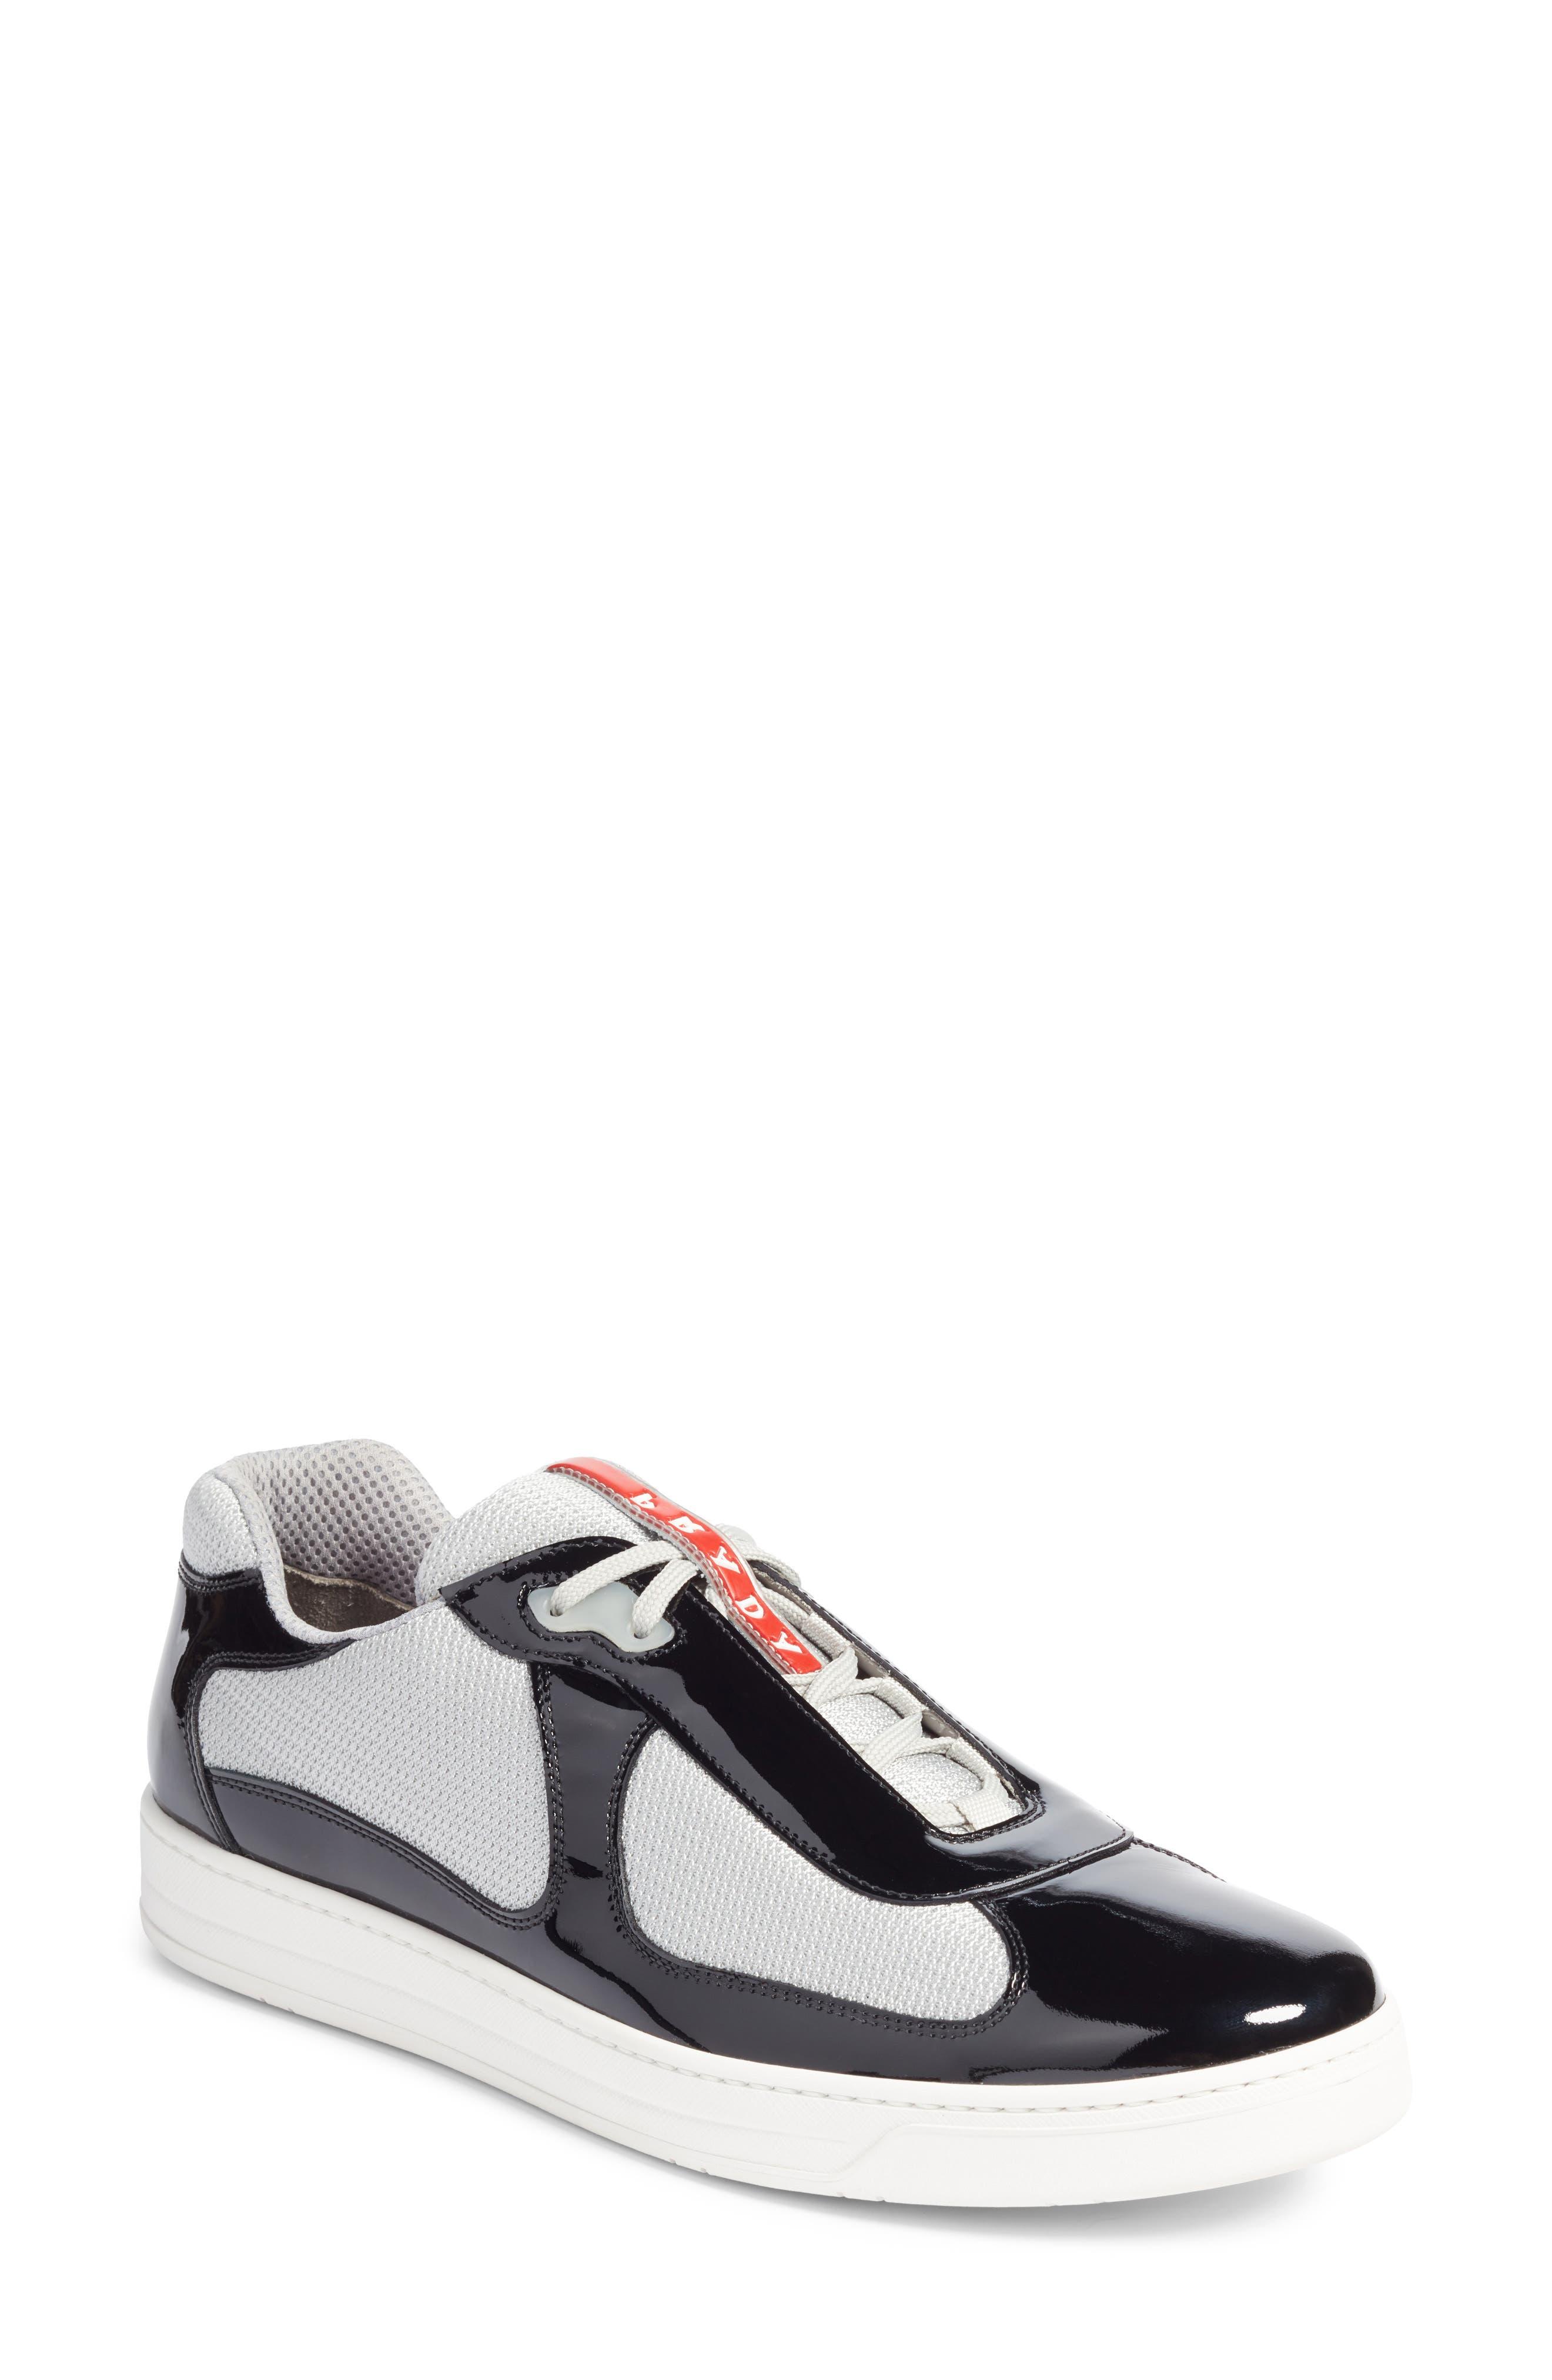 Linea Rossa New America's Cup Sneaker,                         Main,                         color, Nero Argento